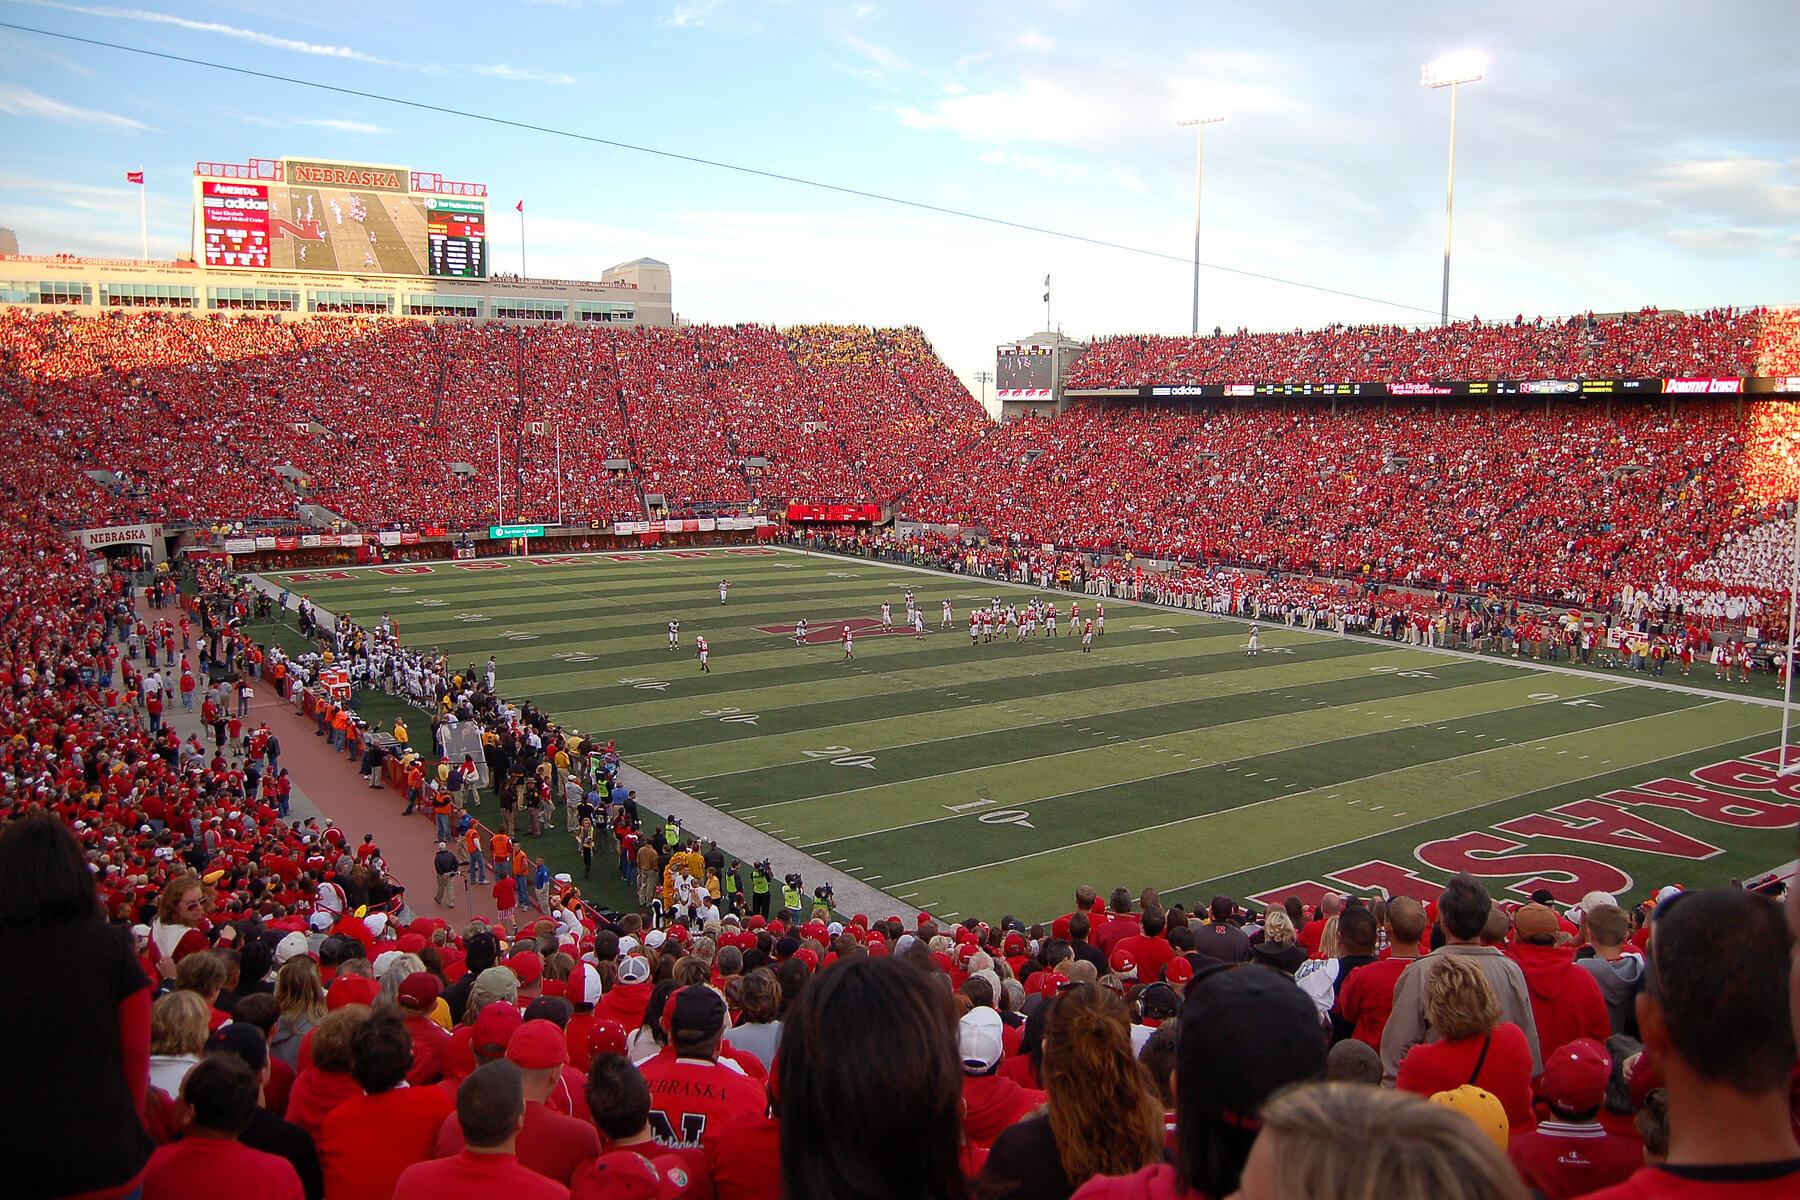 Memorial Stadium Nebraska football